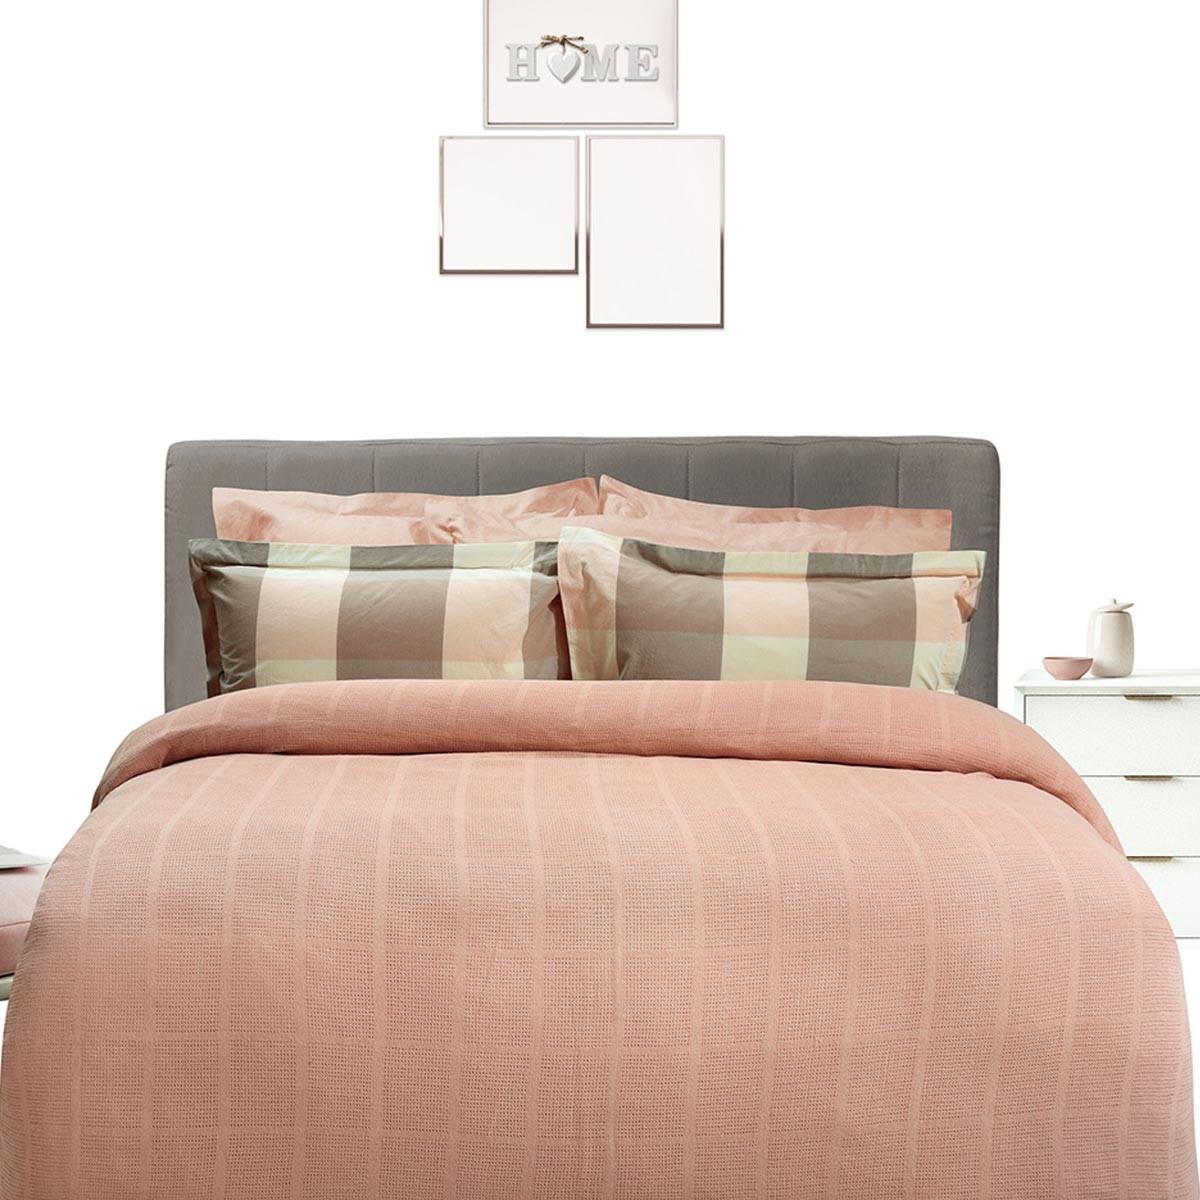 Κουβέρτα Πλεκτή Μονή Das Home Blanket Line 375 66580